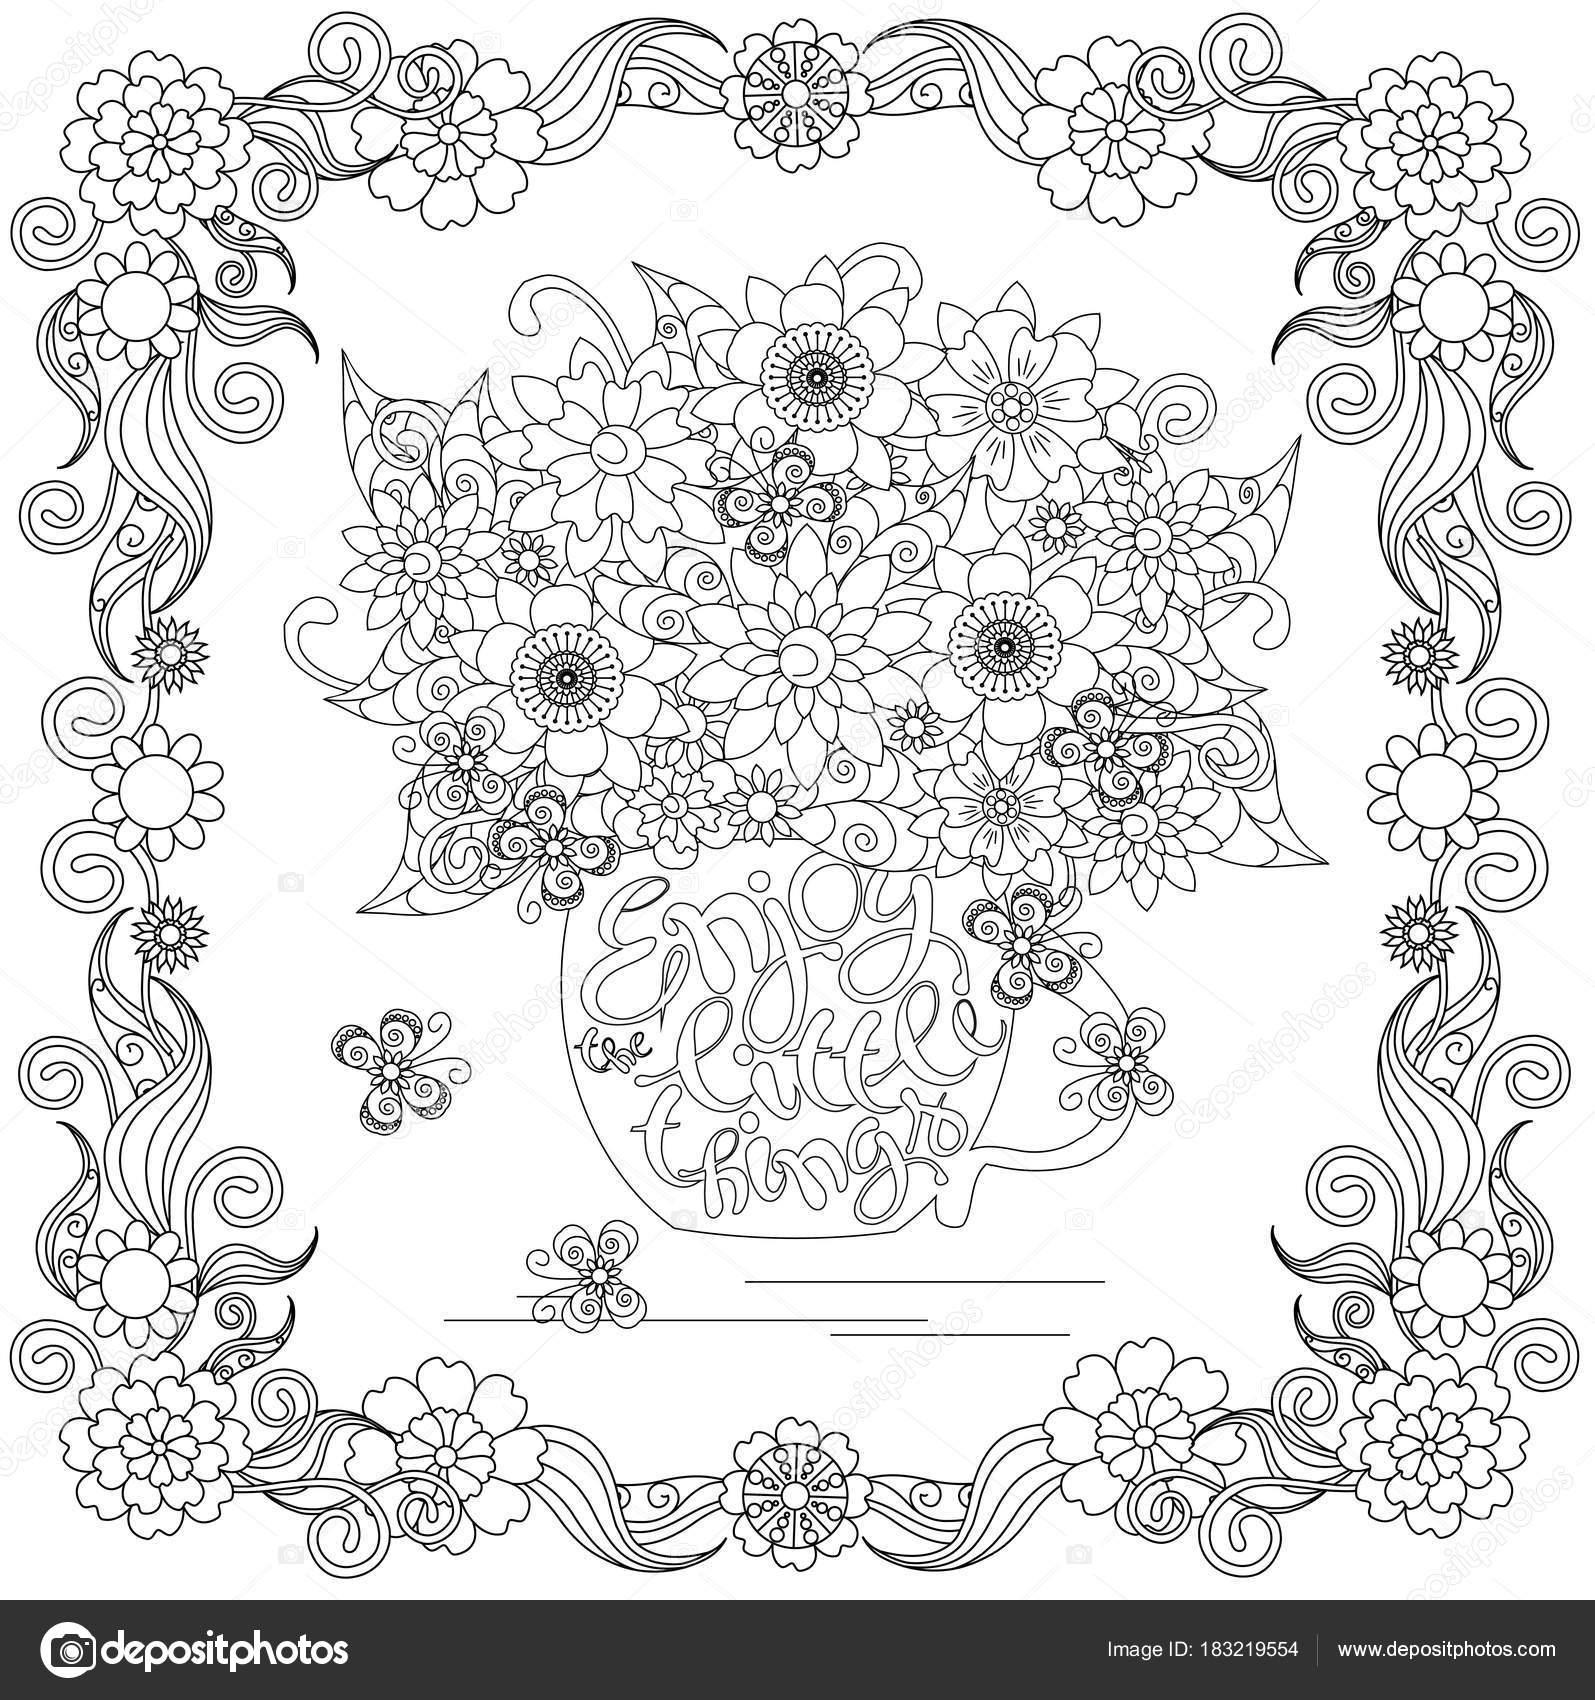 Imágenes Flores Para Dibujar Pequeñas Letras Disfrutar Pequeñas